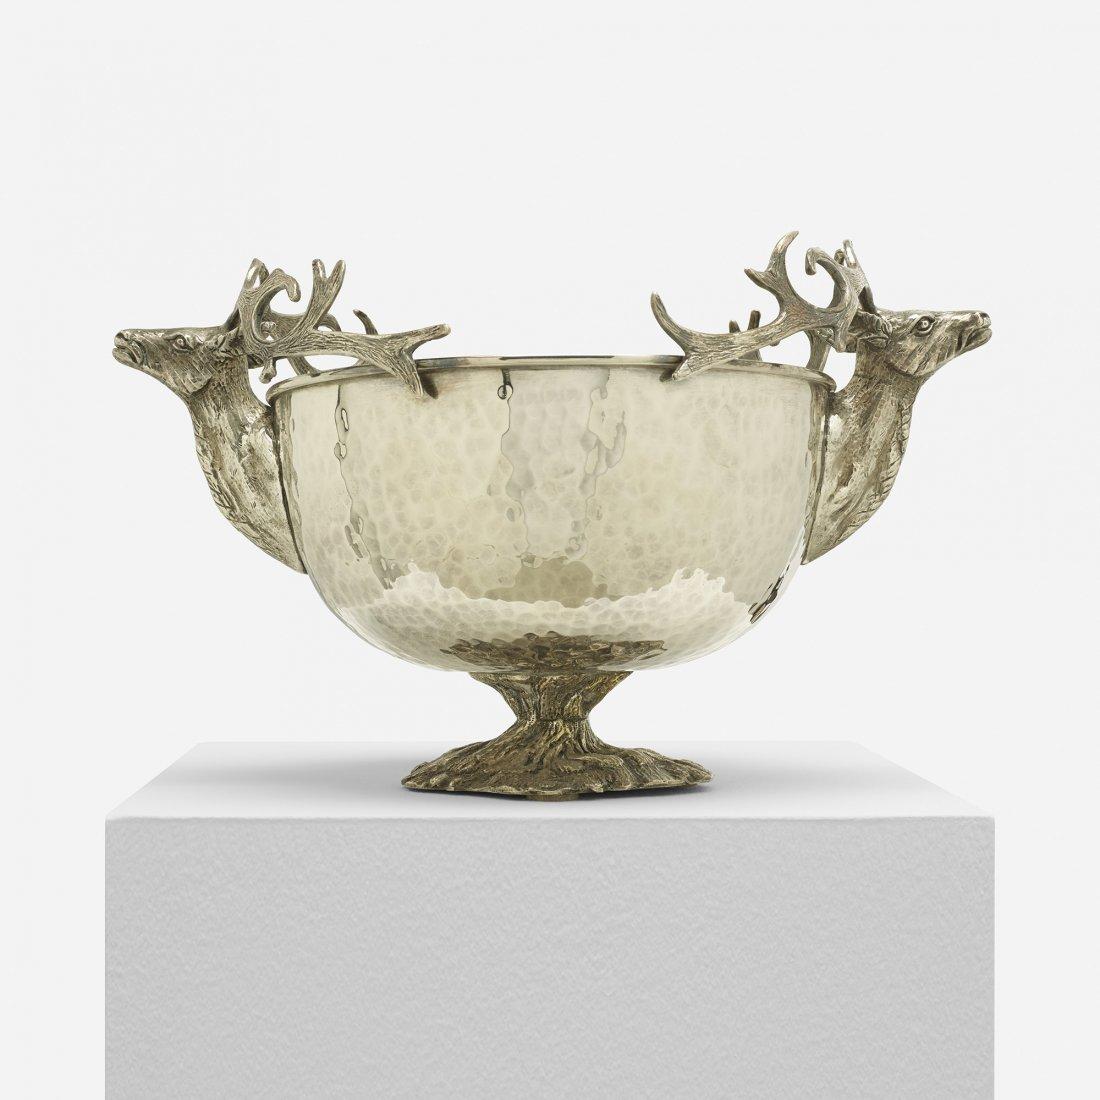 Gabriella Crespi Cervo bowl